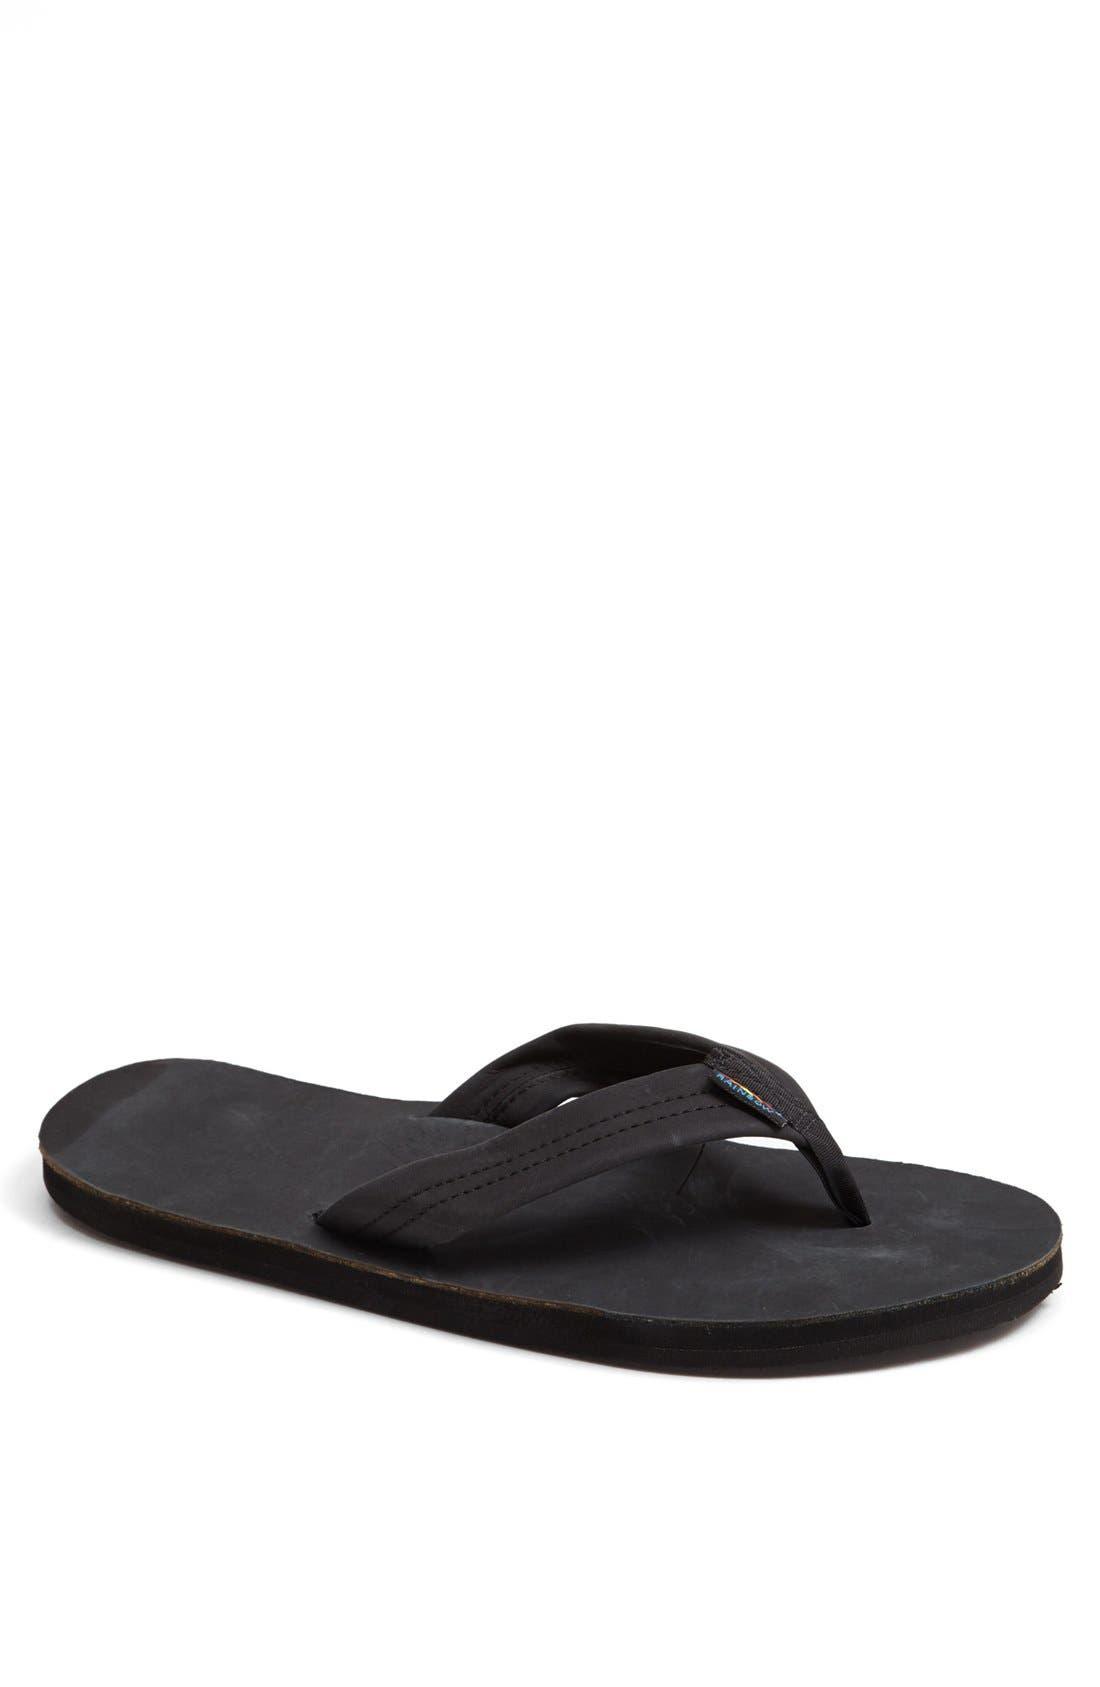 '301Alts' Sandal,                             Main thumbnail 1, color,                             BLACK